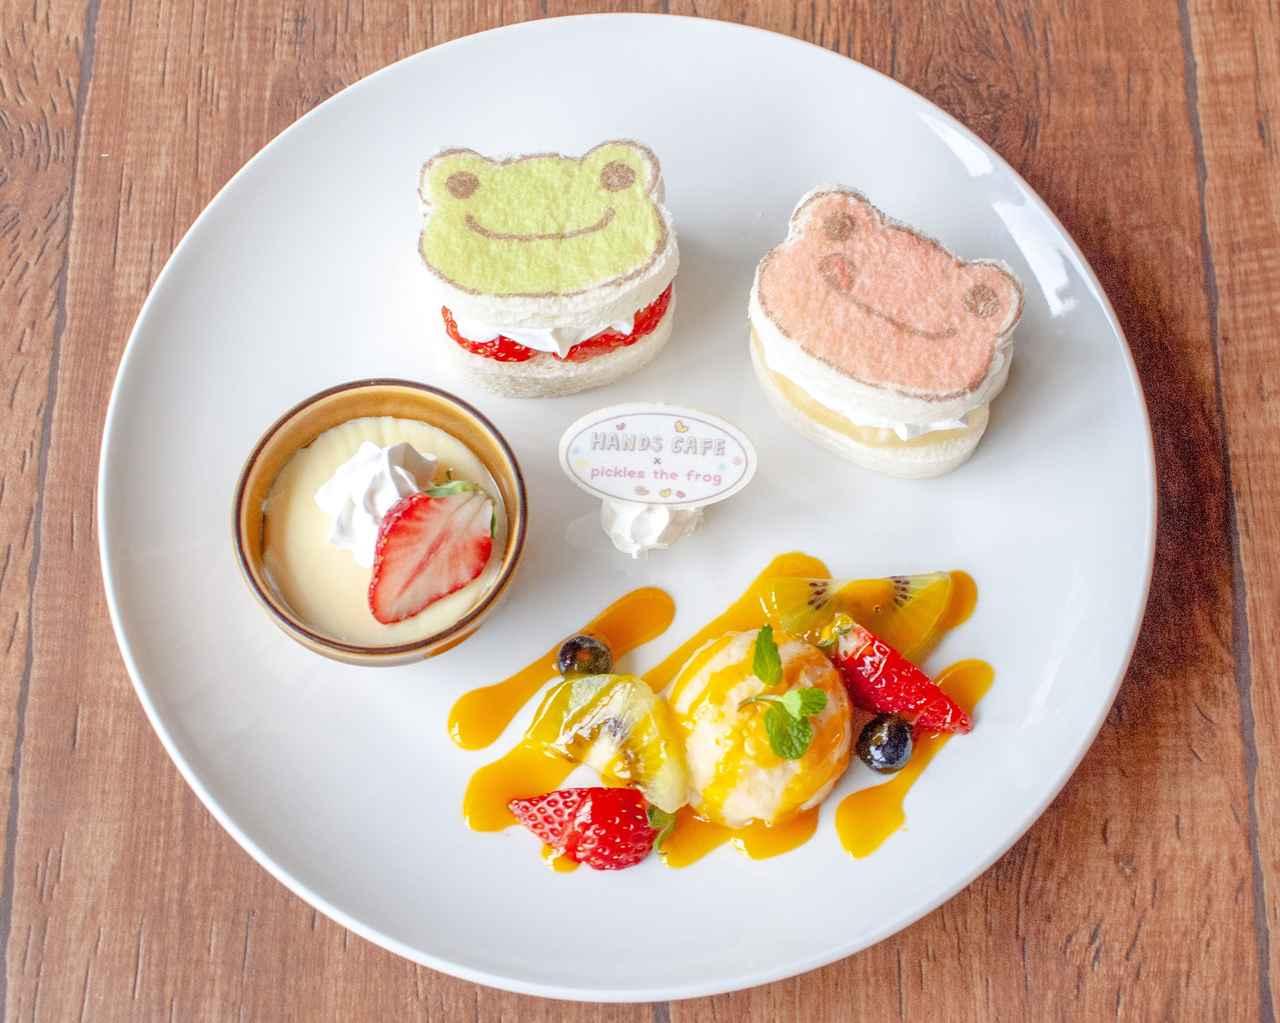 画像3: つぶらな瞳と愛らしい笑顔で、見て食べて癒される 『かえるのピクルス×ハンズカフェ』